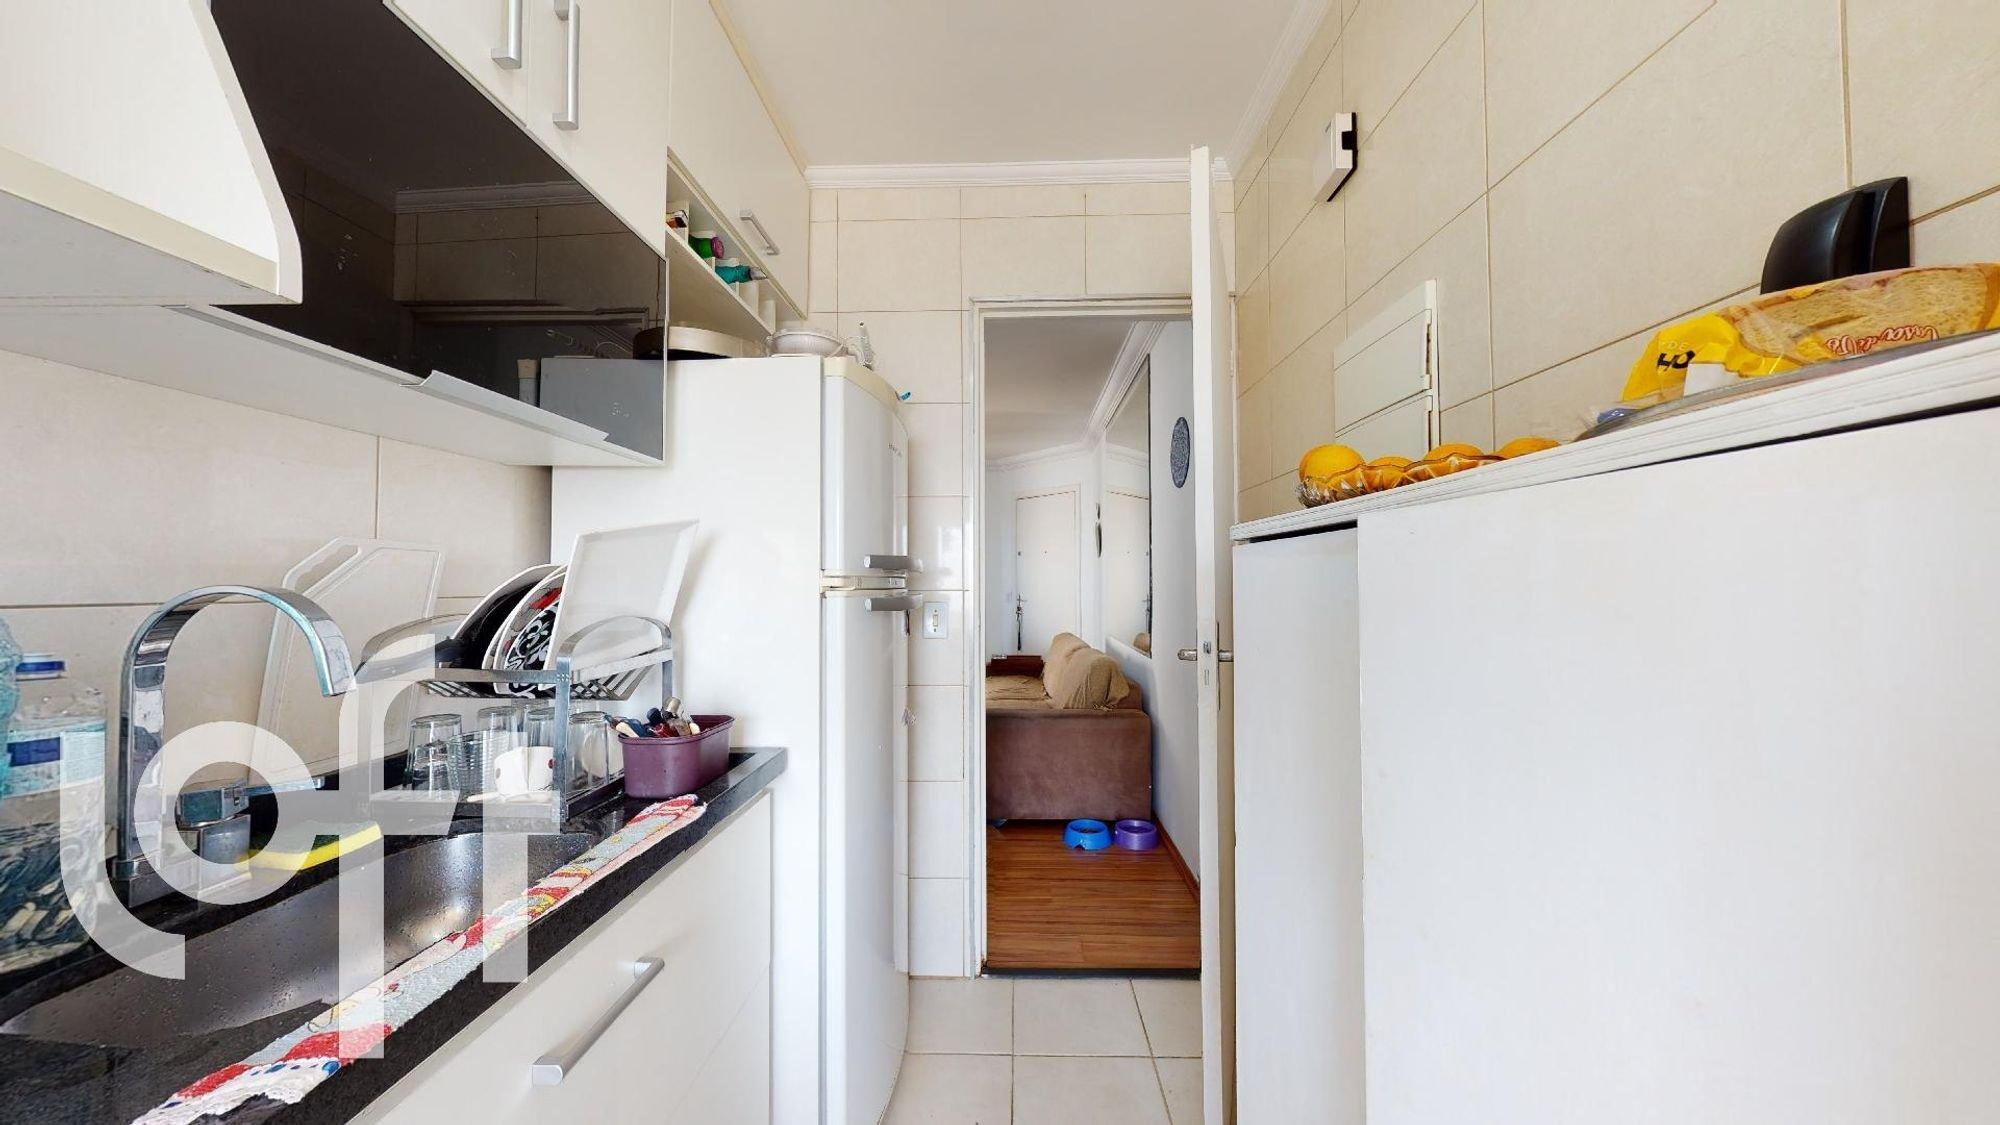 Foto de Cozinha com maçã, xícara